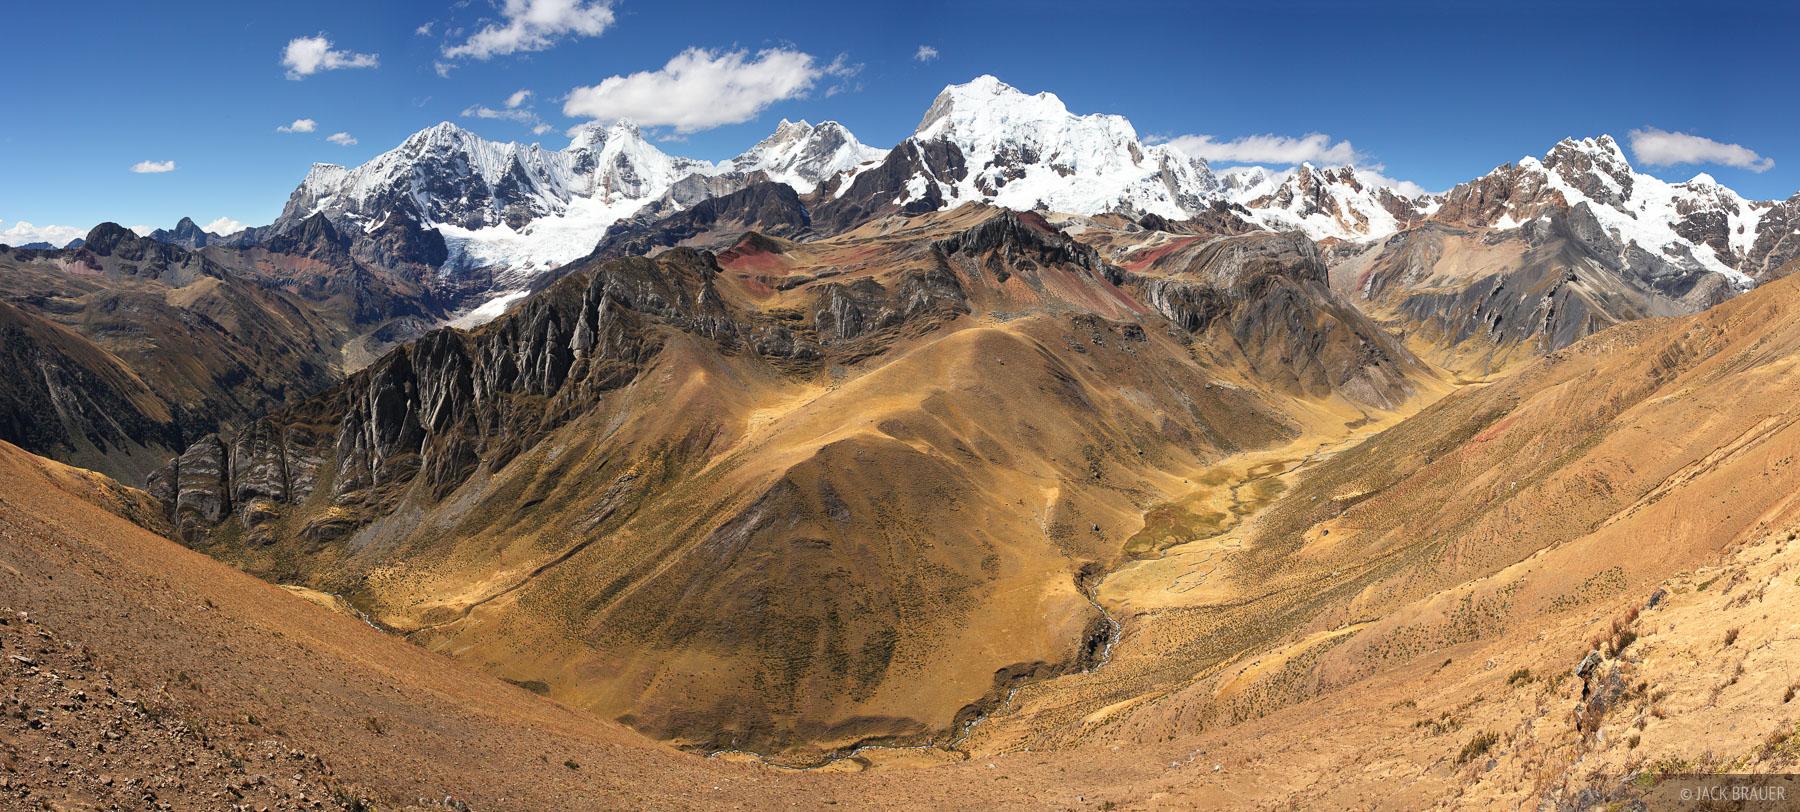 Yerupaja, panorama, Cordillera Huayhuash, Peru, Jirishanca